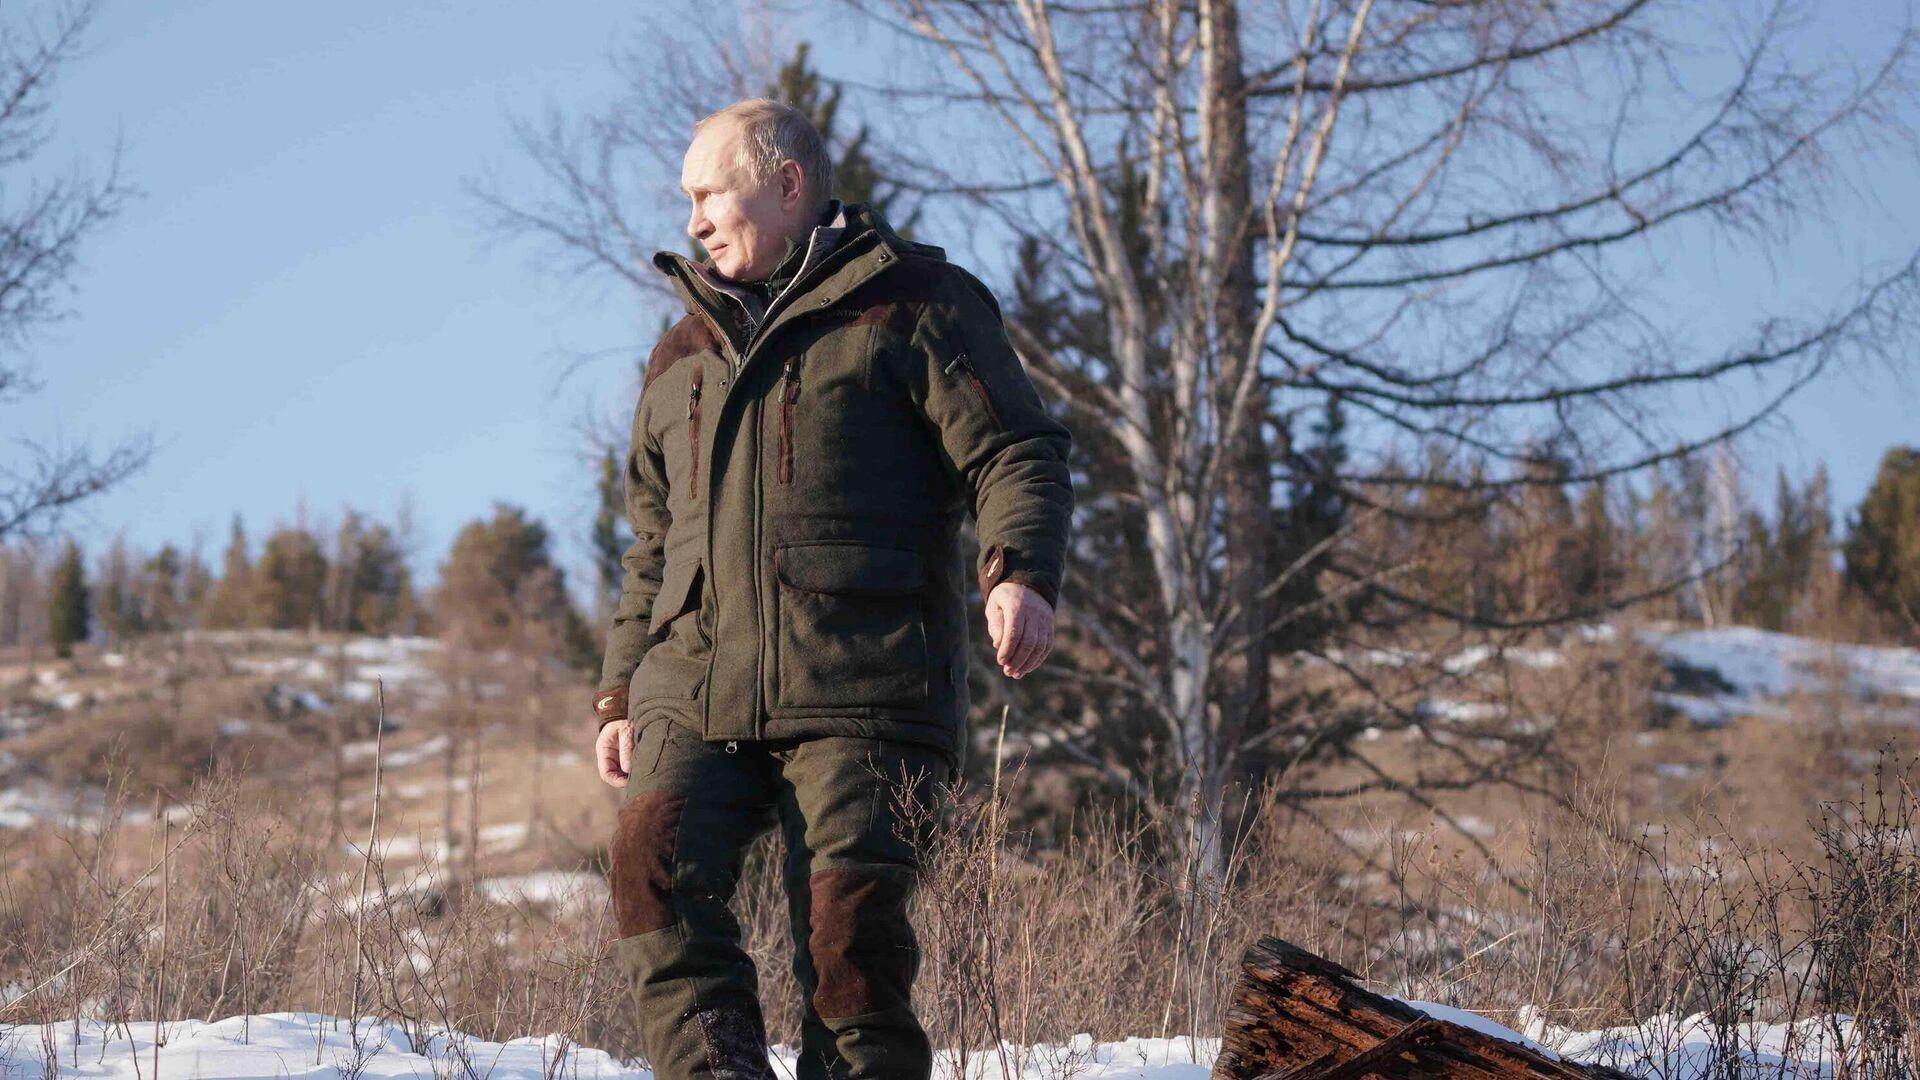 Vladímir Putin, presidente de Rusia, durante unos cortos vacaciones en Siberia el marzo de 2021 - Sputnik Mundo, 1920, 18.04.2021